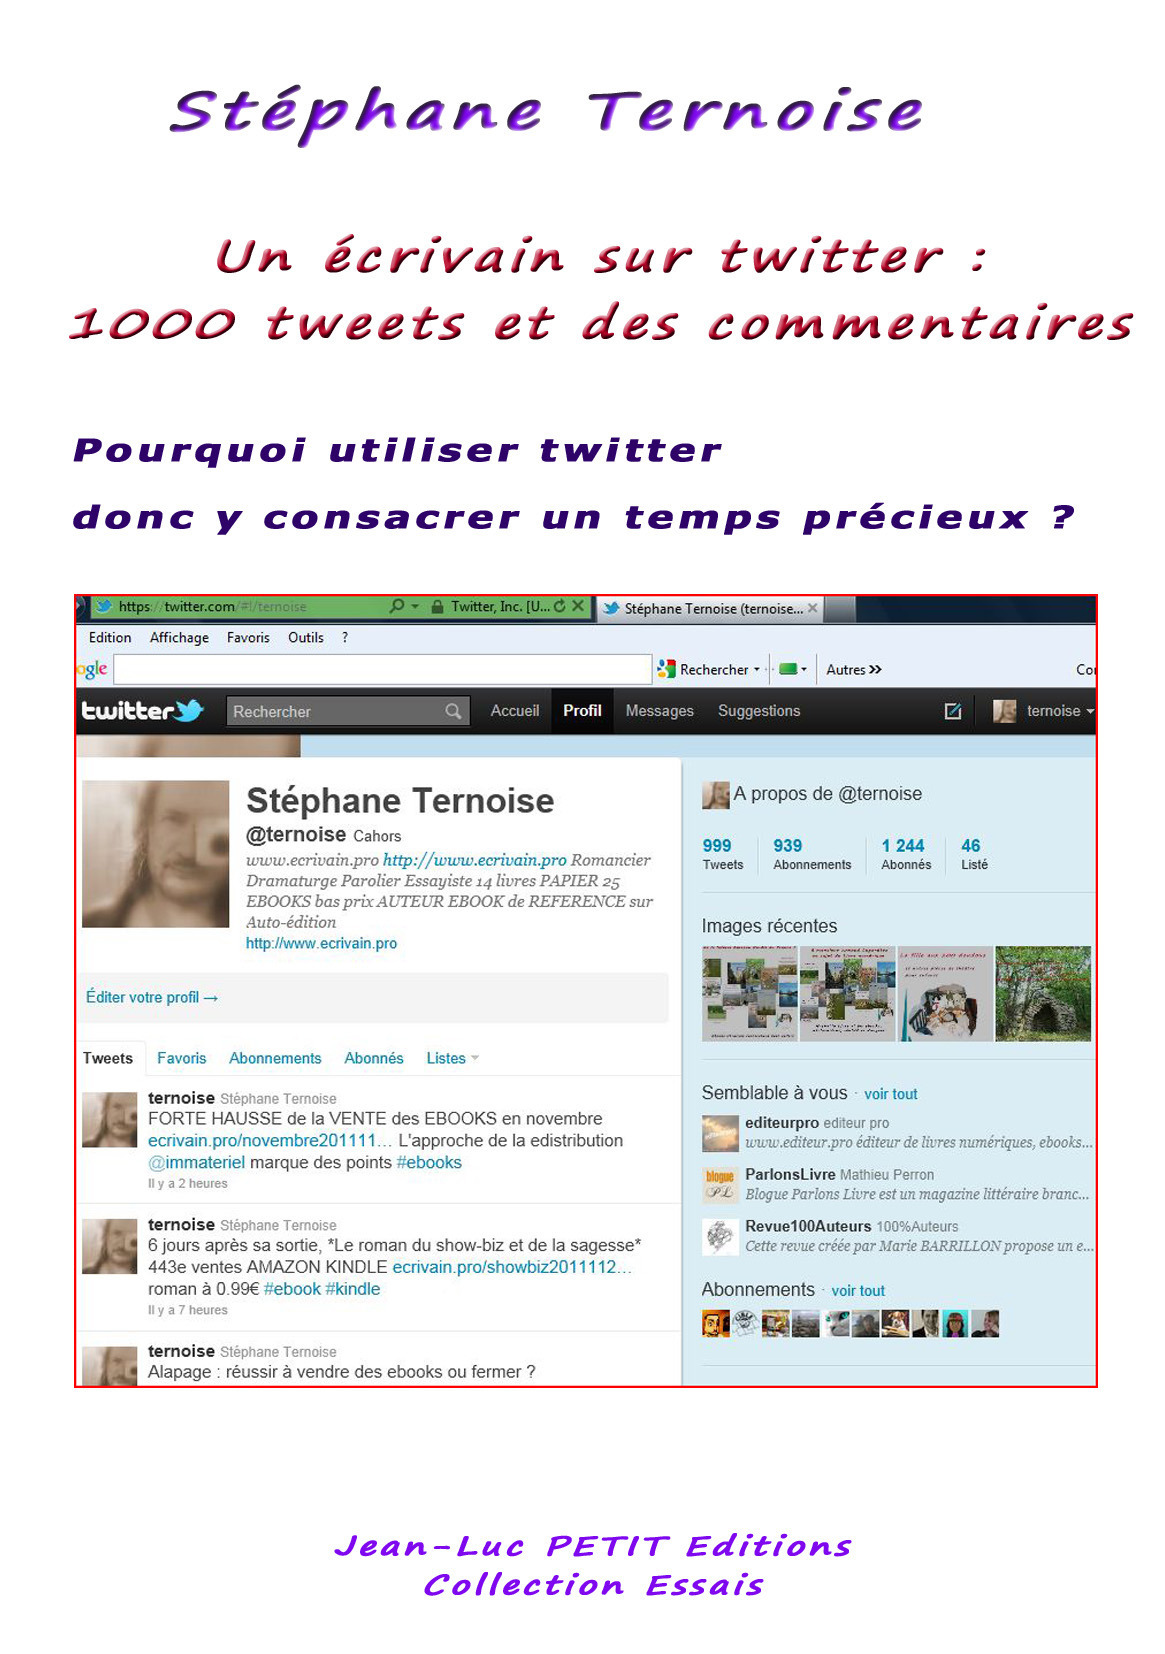 Un écrivain sur twitter : 1000 tweets et des commentaires